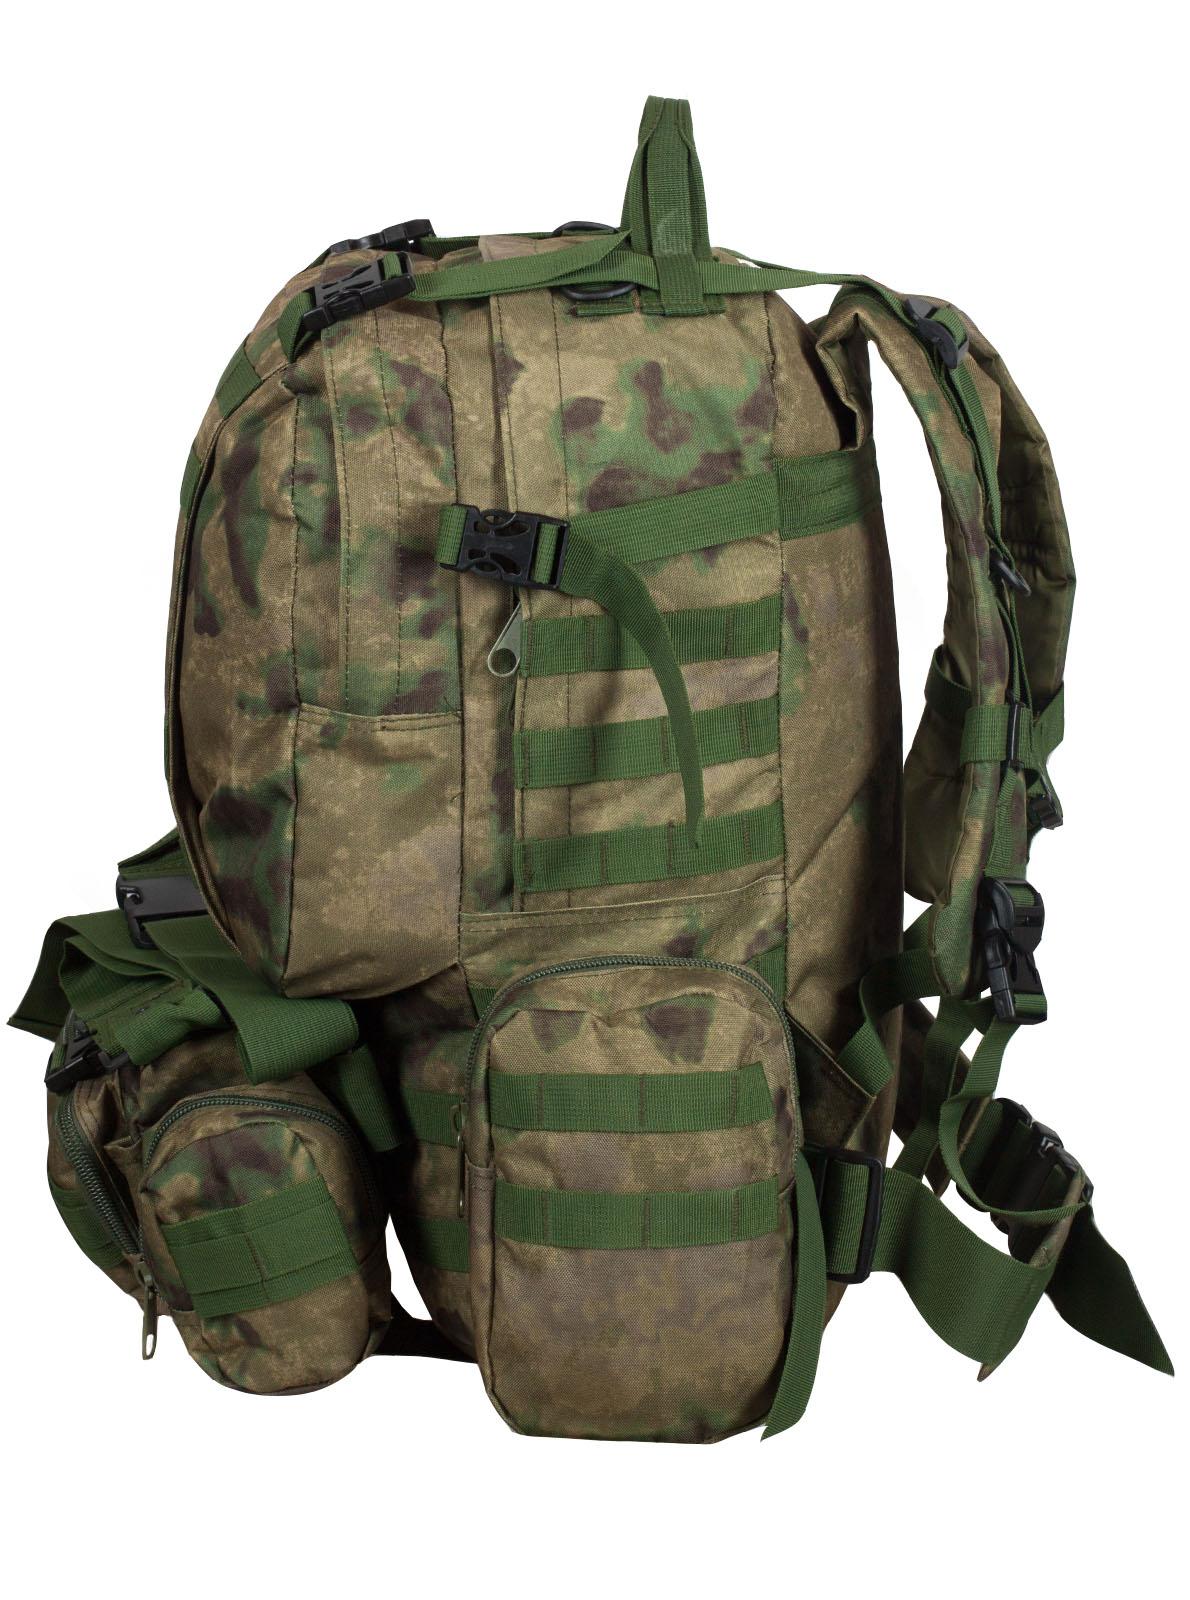 Рейдовый камуфляжный рюкзак-трансформер СПЕЦНАЗ - заказать с доставкой